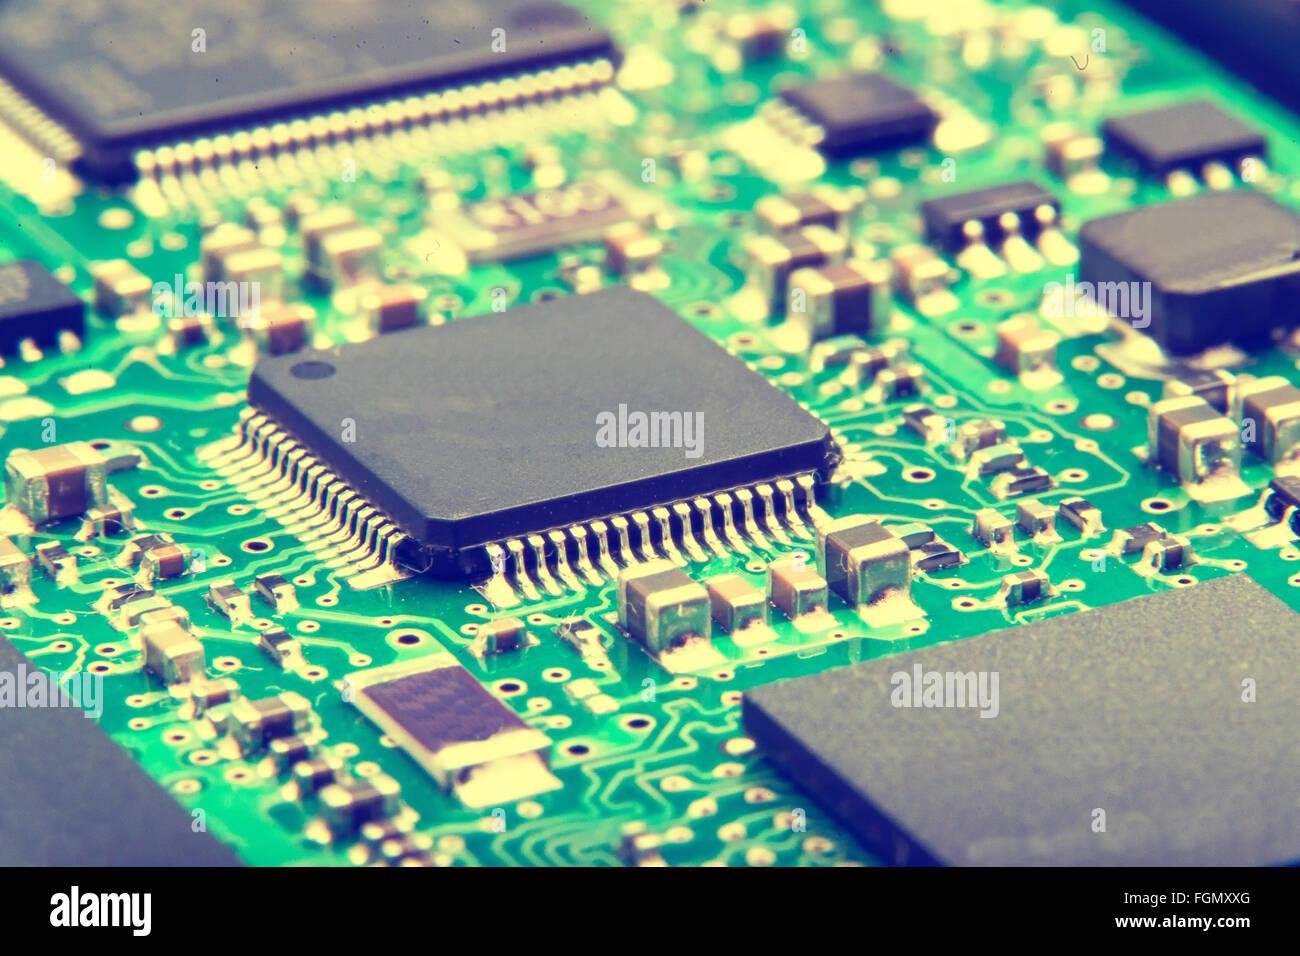 Placa de circuito electrónico de cerca. PCB verde Imagen De Stock